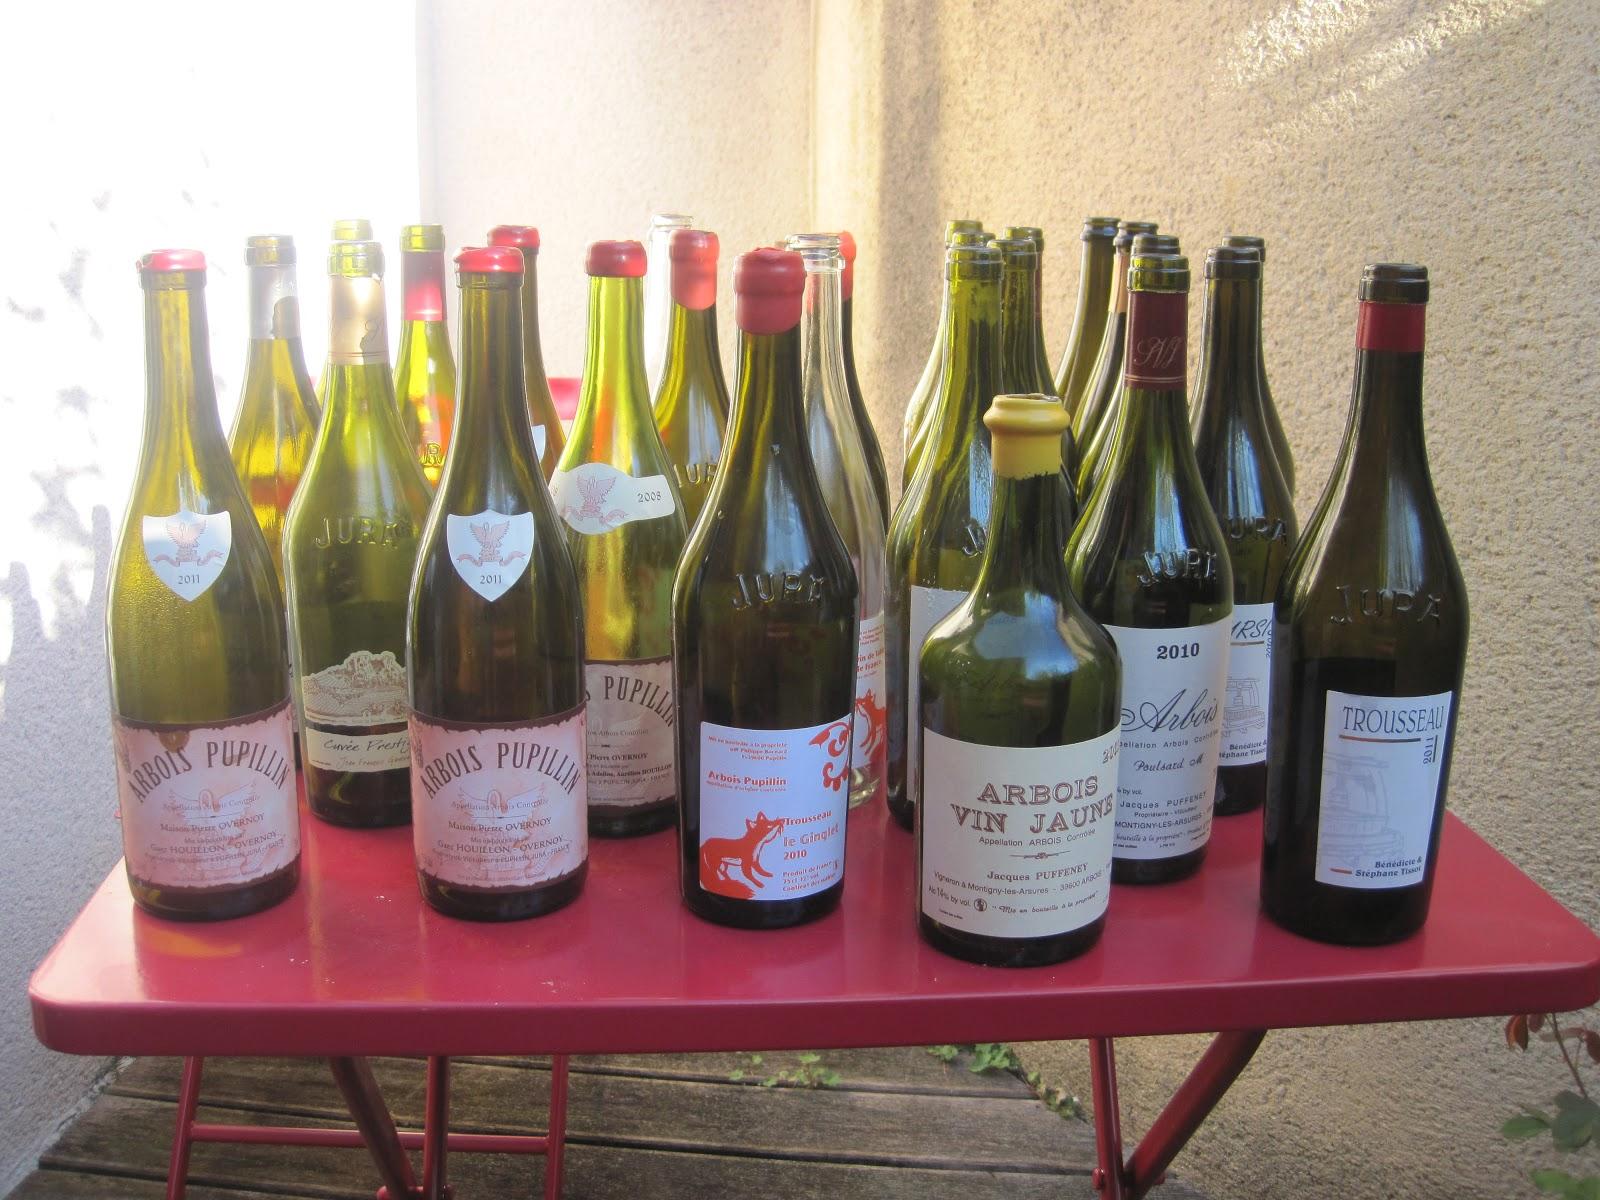 Los vinos del Jura. ¿La alternativa?